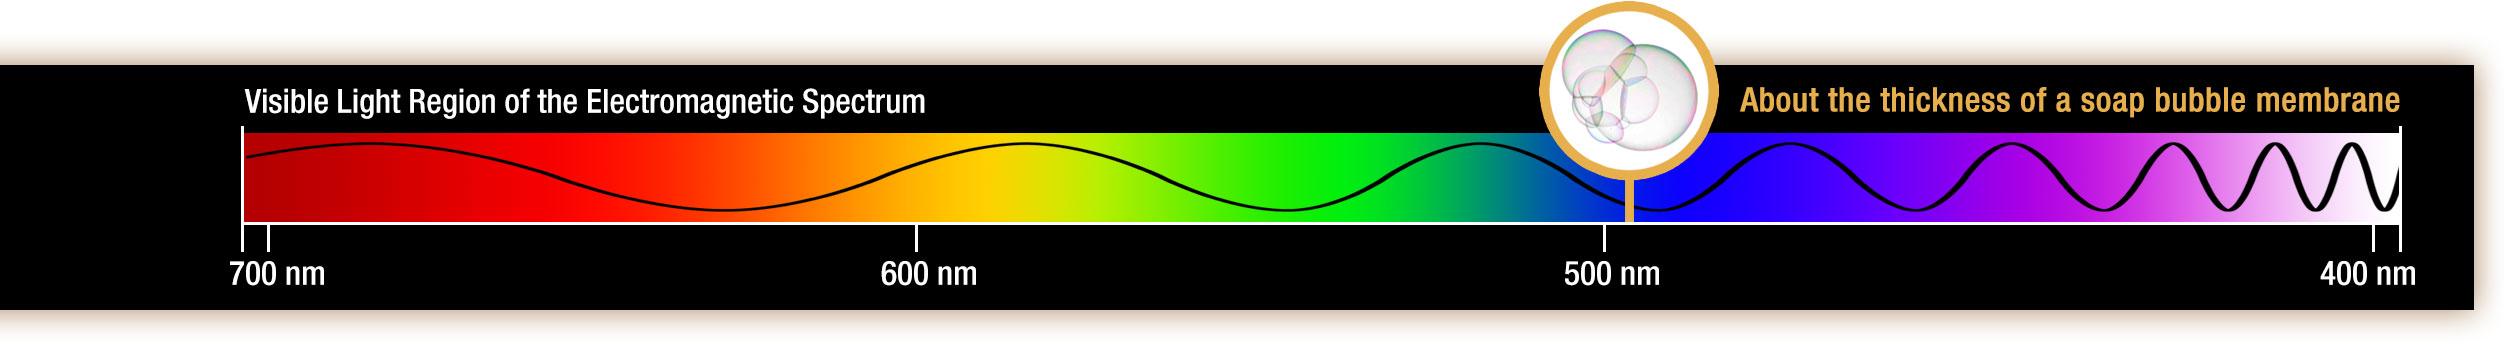 visible wavelength range